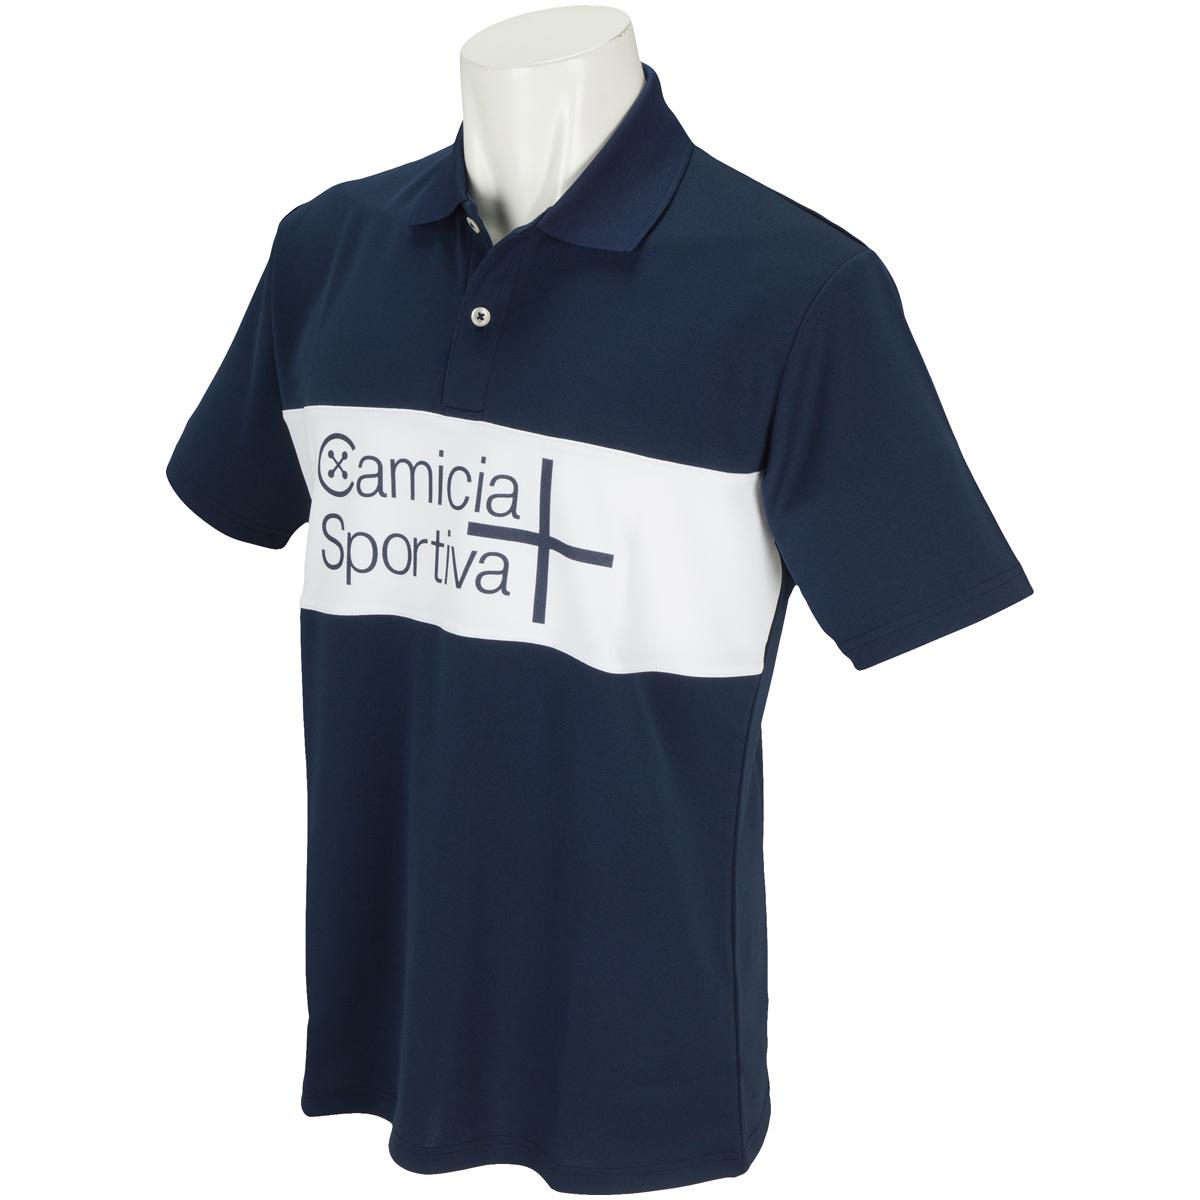 ドライステータス 半袖ポロシャツ